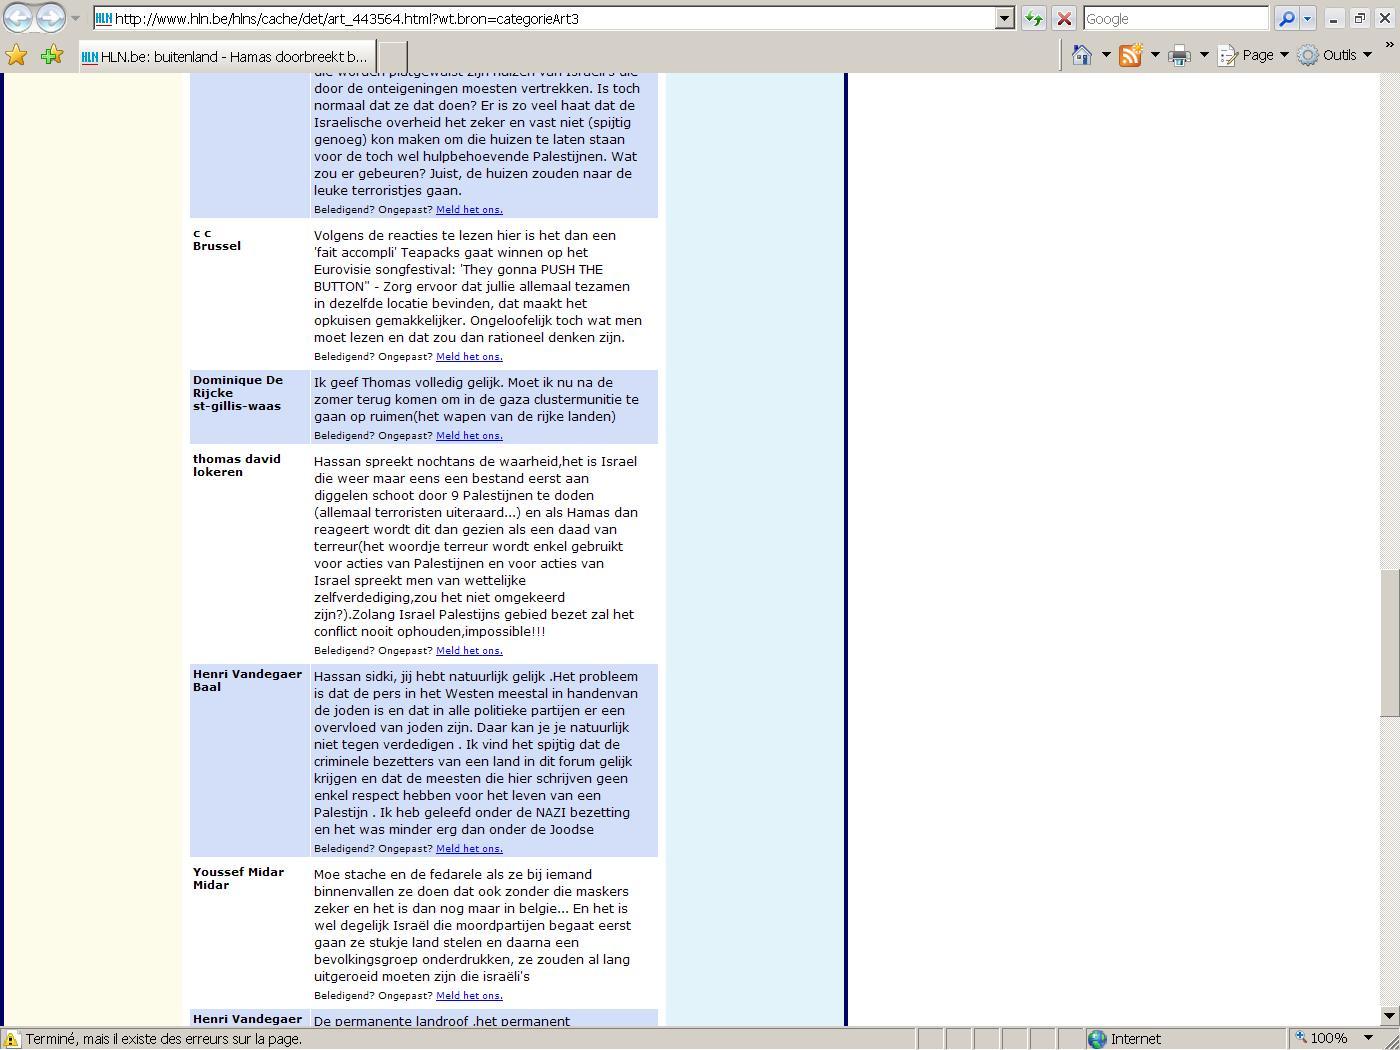 Propos antisémites et négationnistes sur un forum internet de Het Laatste Nieuws